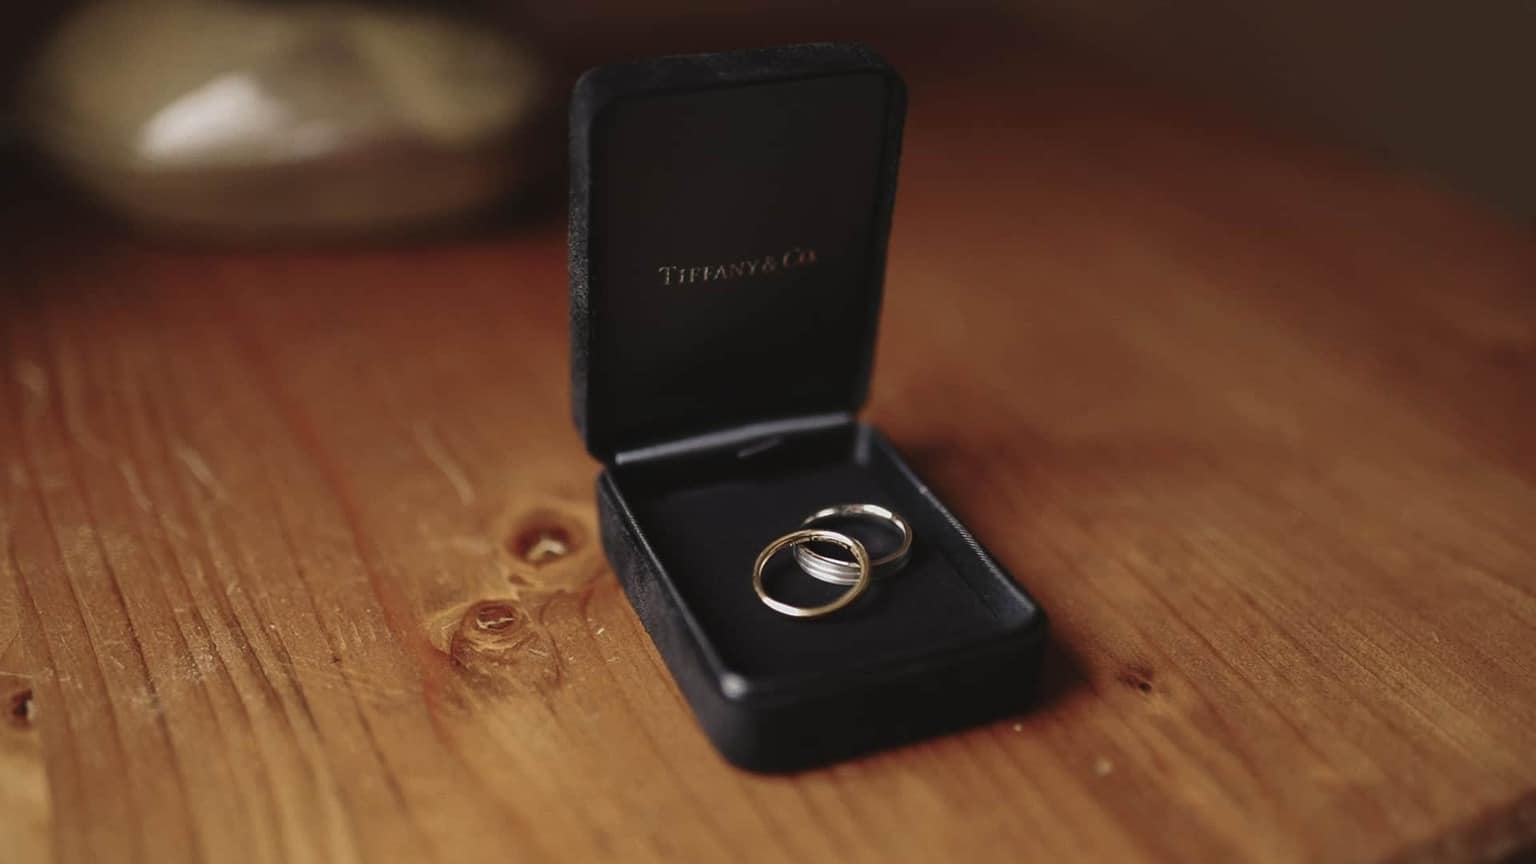 wedding rings presented in box.